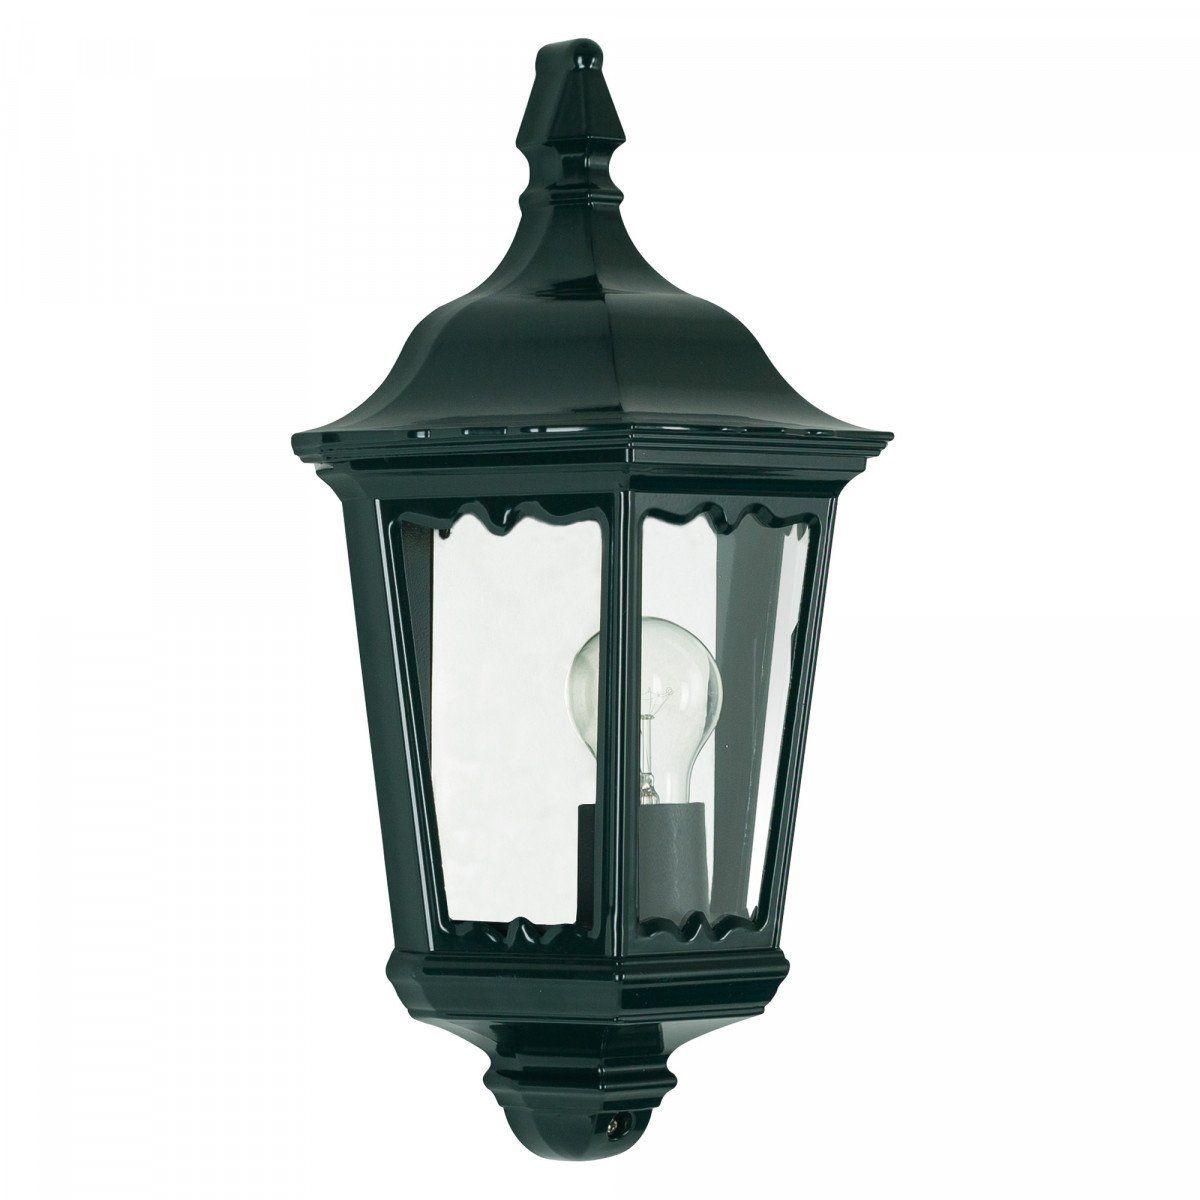 KS Verlichting buiten wandlamp Ancona Plat - groen/zwart